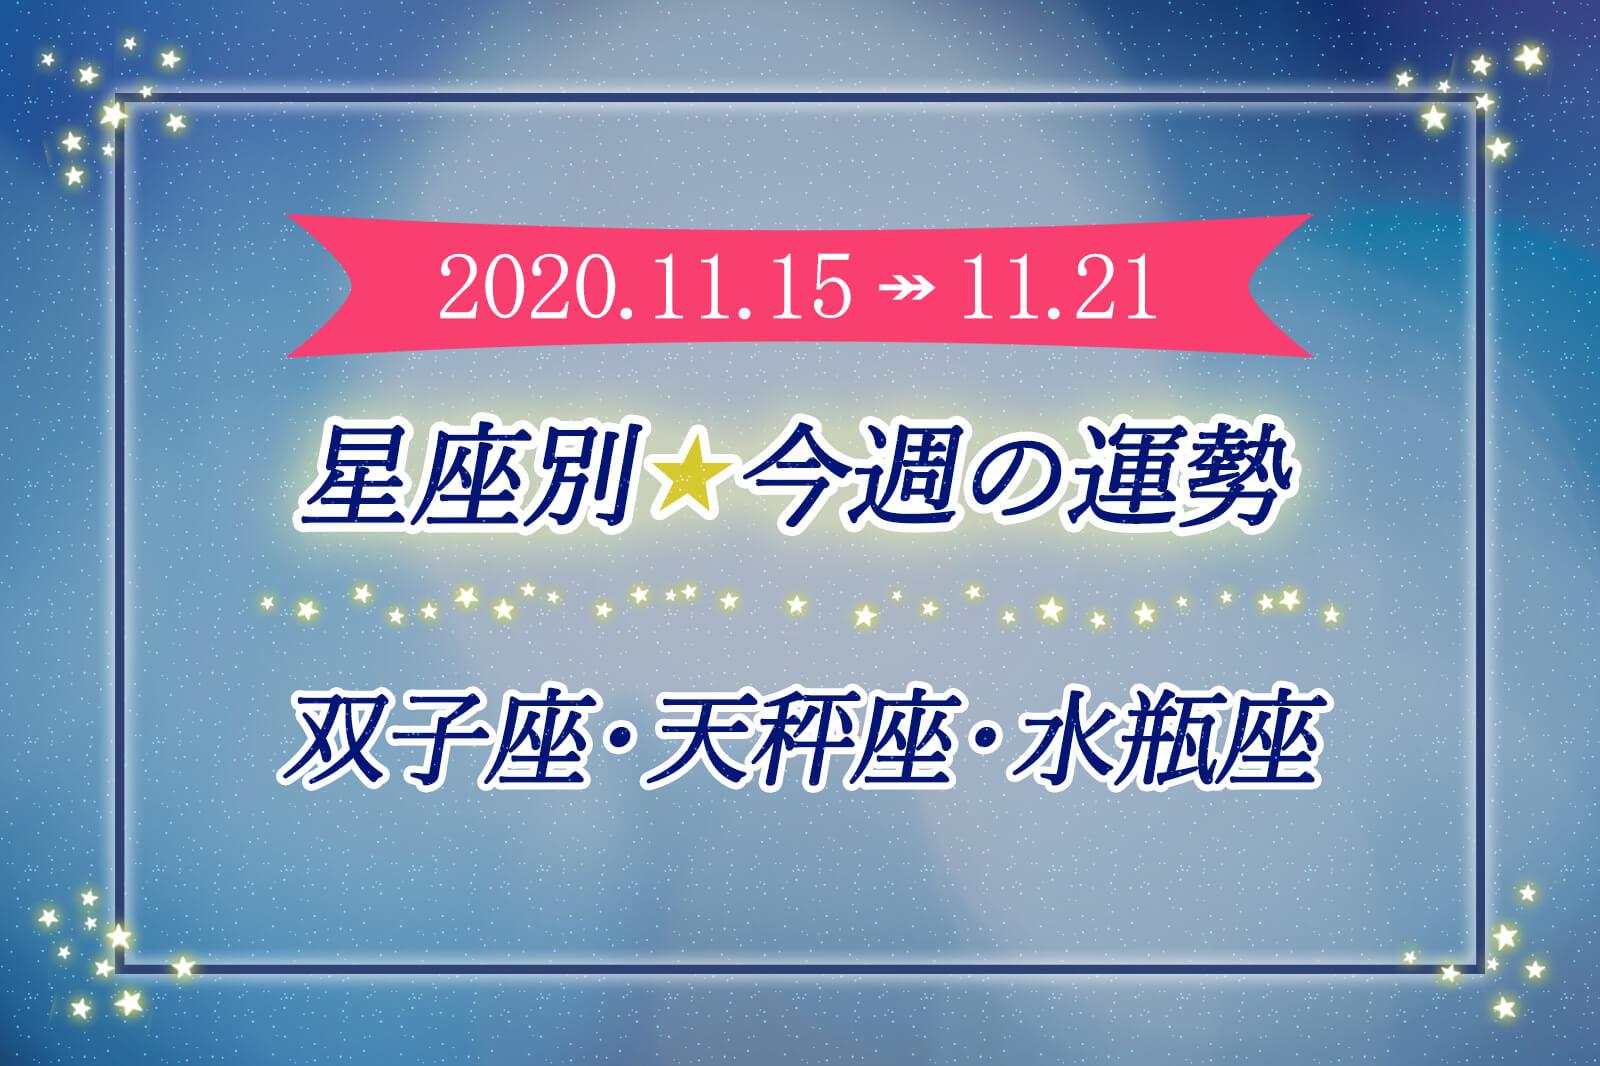 ≪双子座/天秤座/水瓶座≫月の動きで見る1週間の心の変化*11月15日 ~ 11月21日